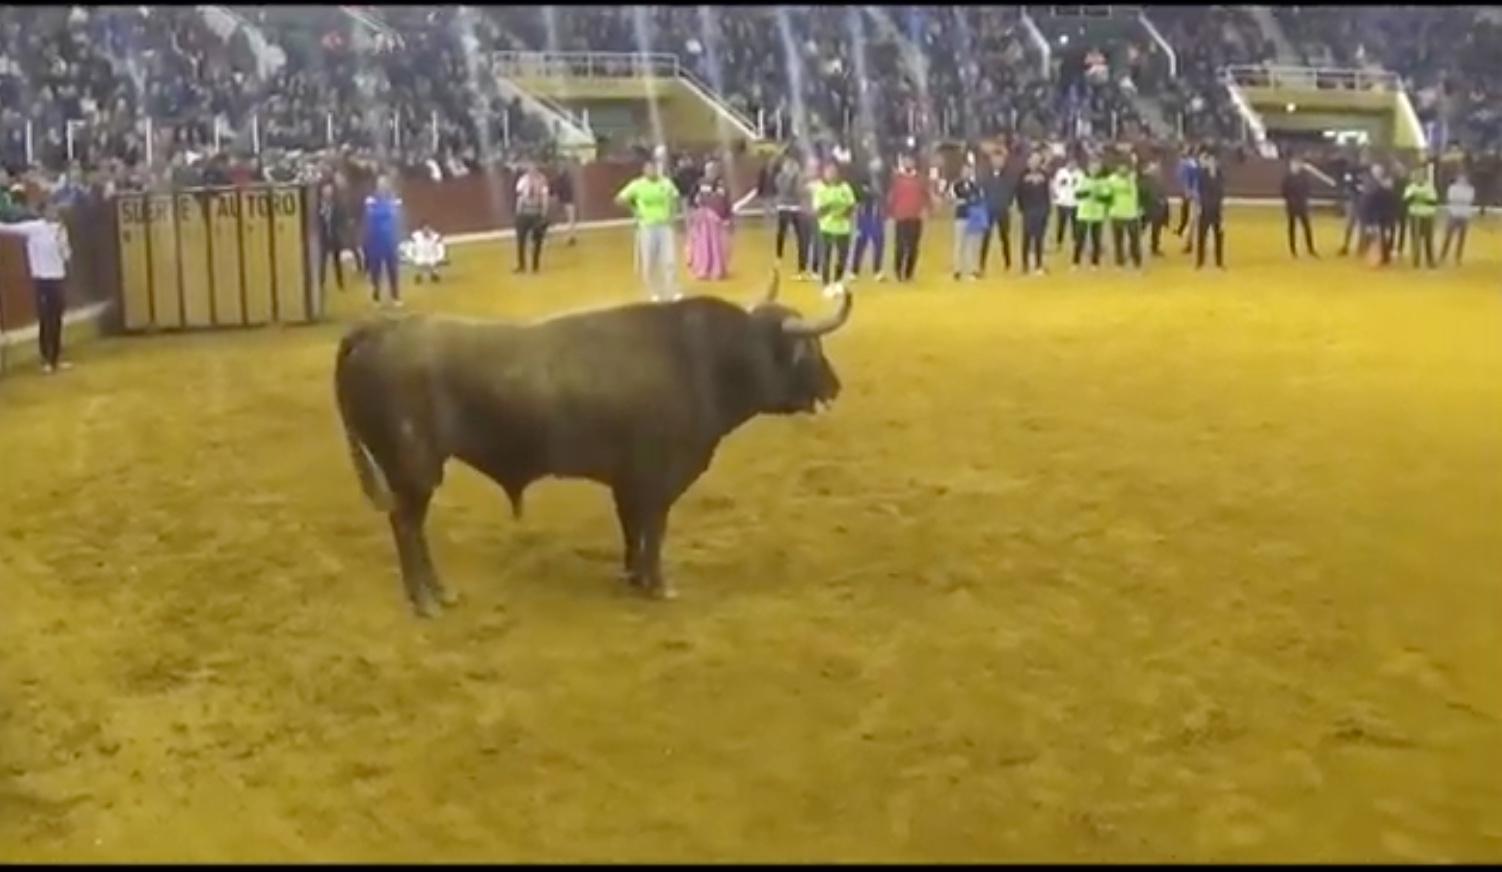 VIDEO // ILLESCAS 2019 – Toro del Milagro 2019